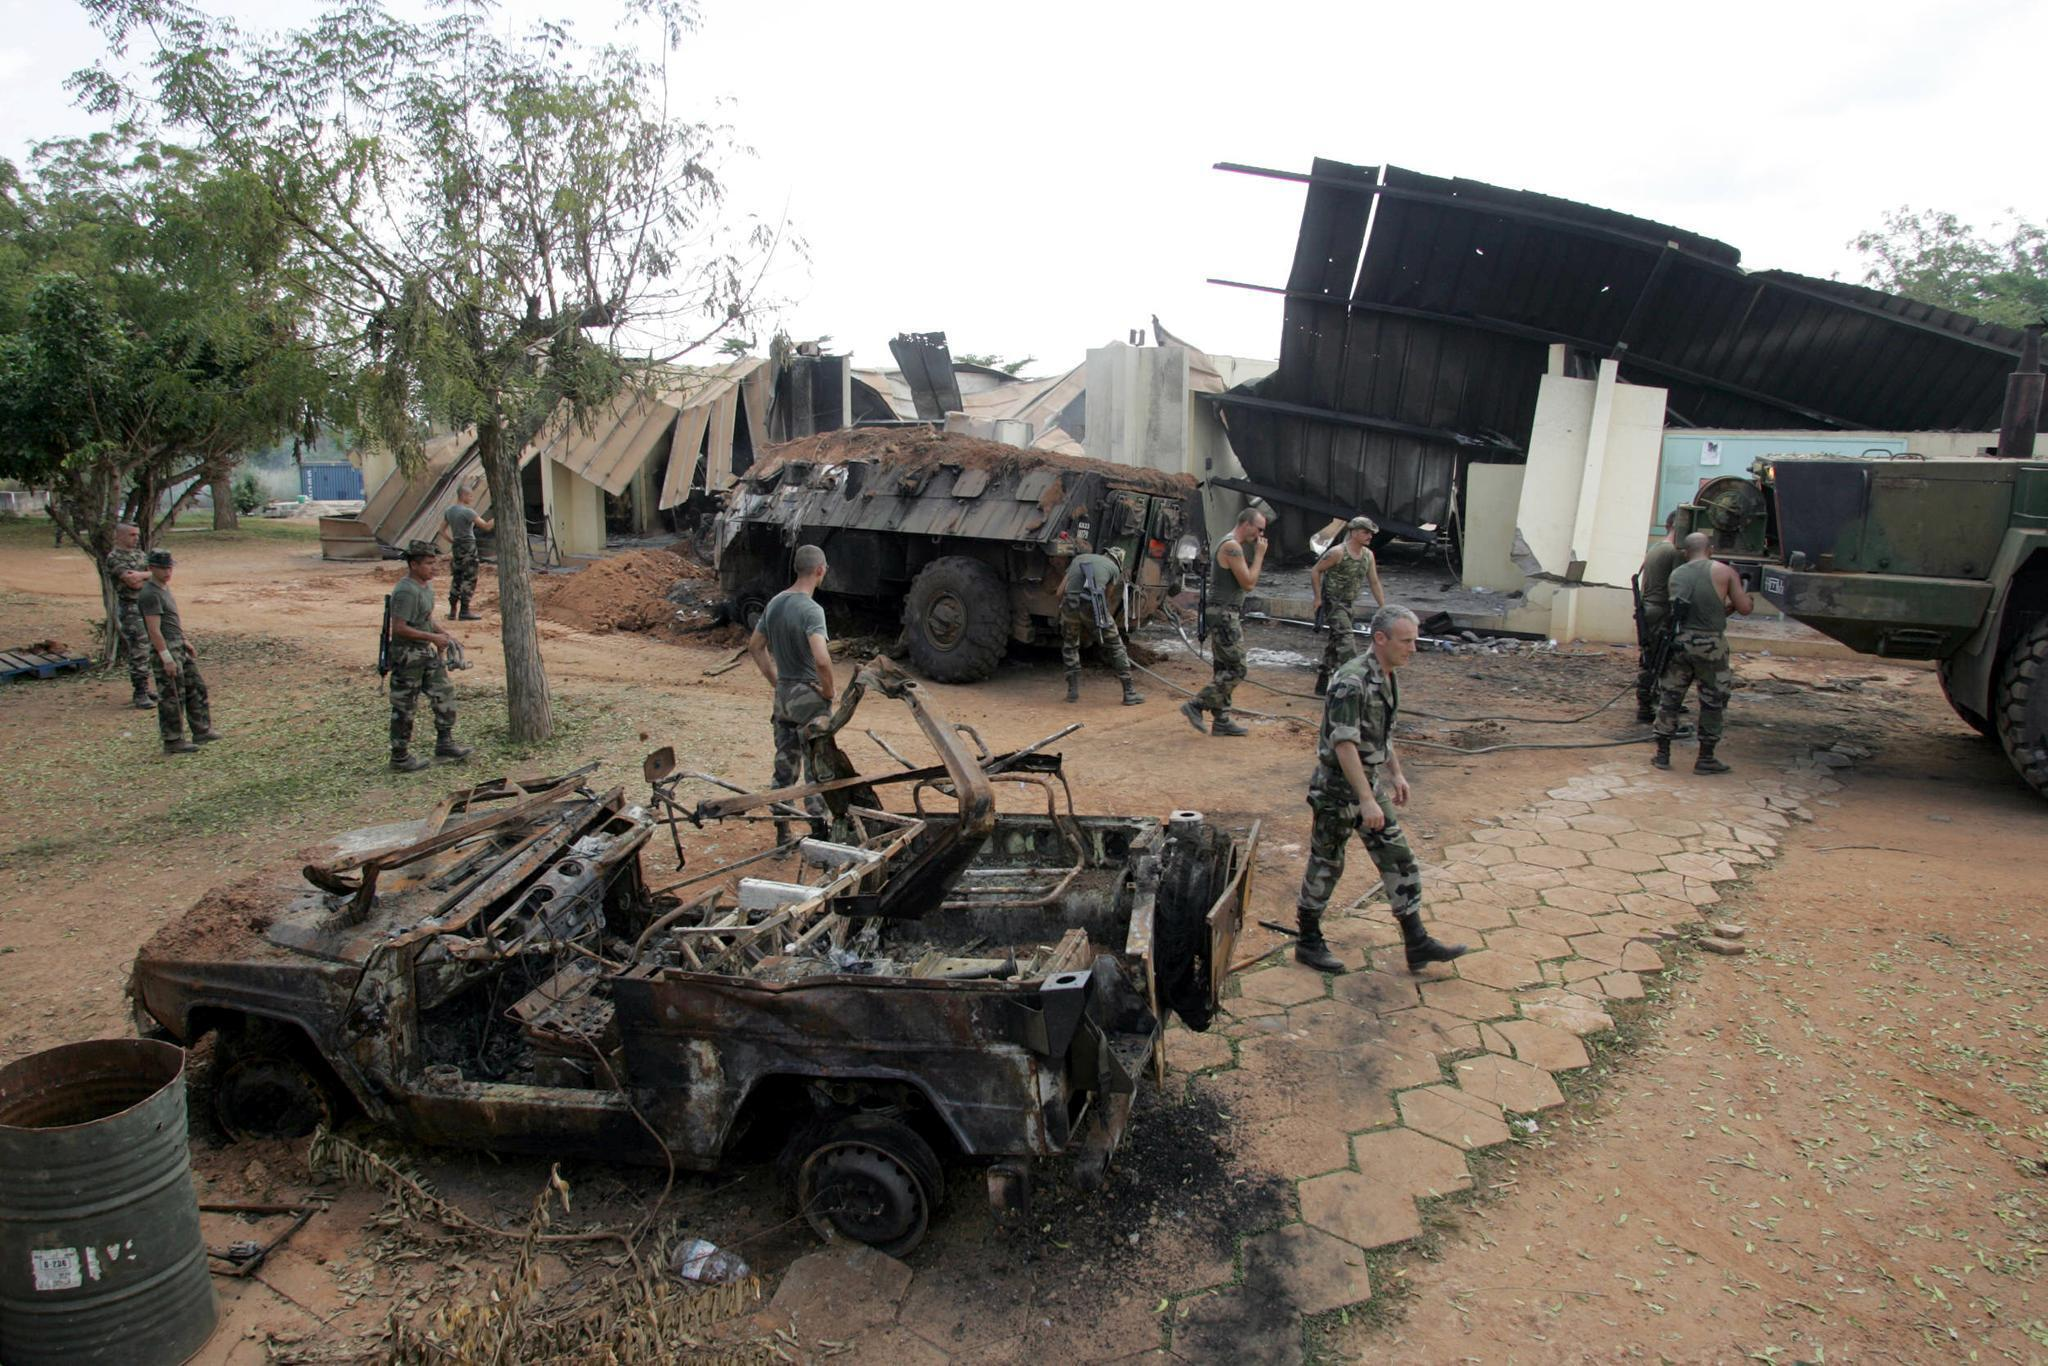 База фрацнузской операции «Единорог» в Буаке после бомбардировки 4 ноября 2004 г.